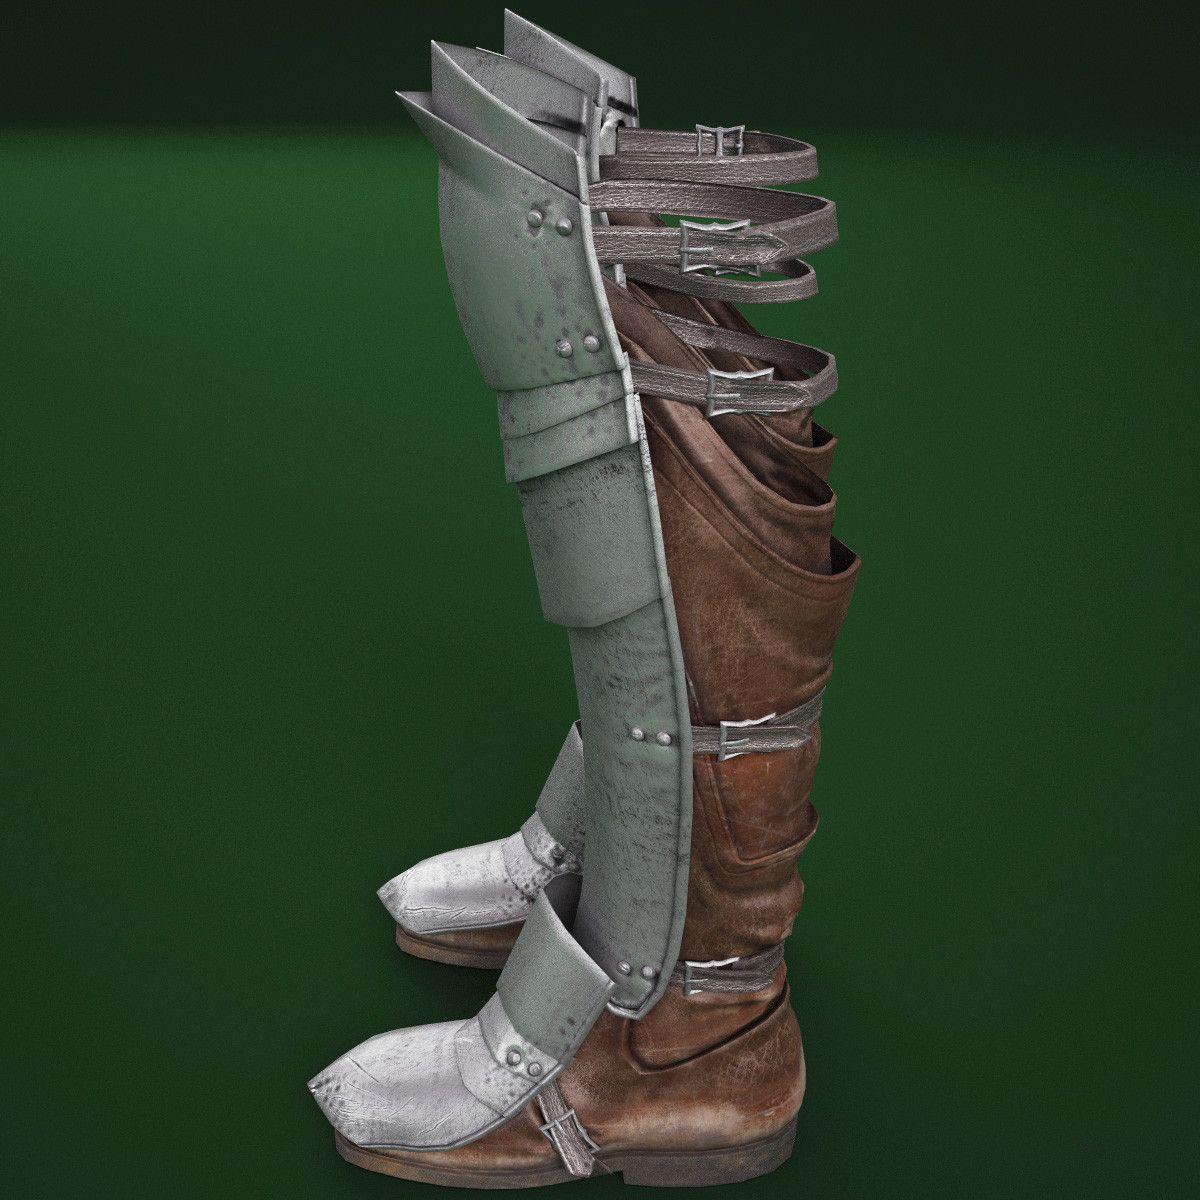 Armamento y Vestimenta: Guerreando en Calradia E2a7efcf3ce9297f361360591511e962